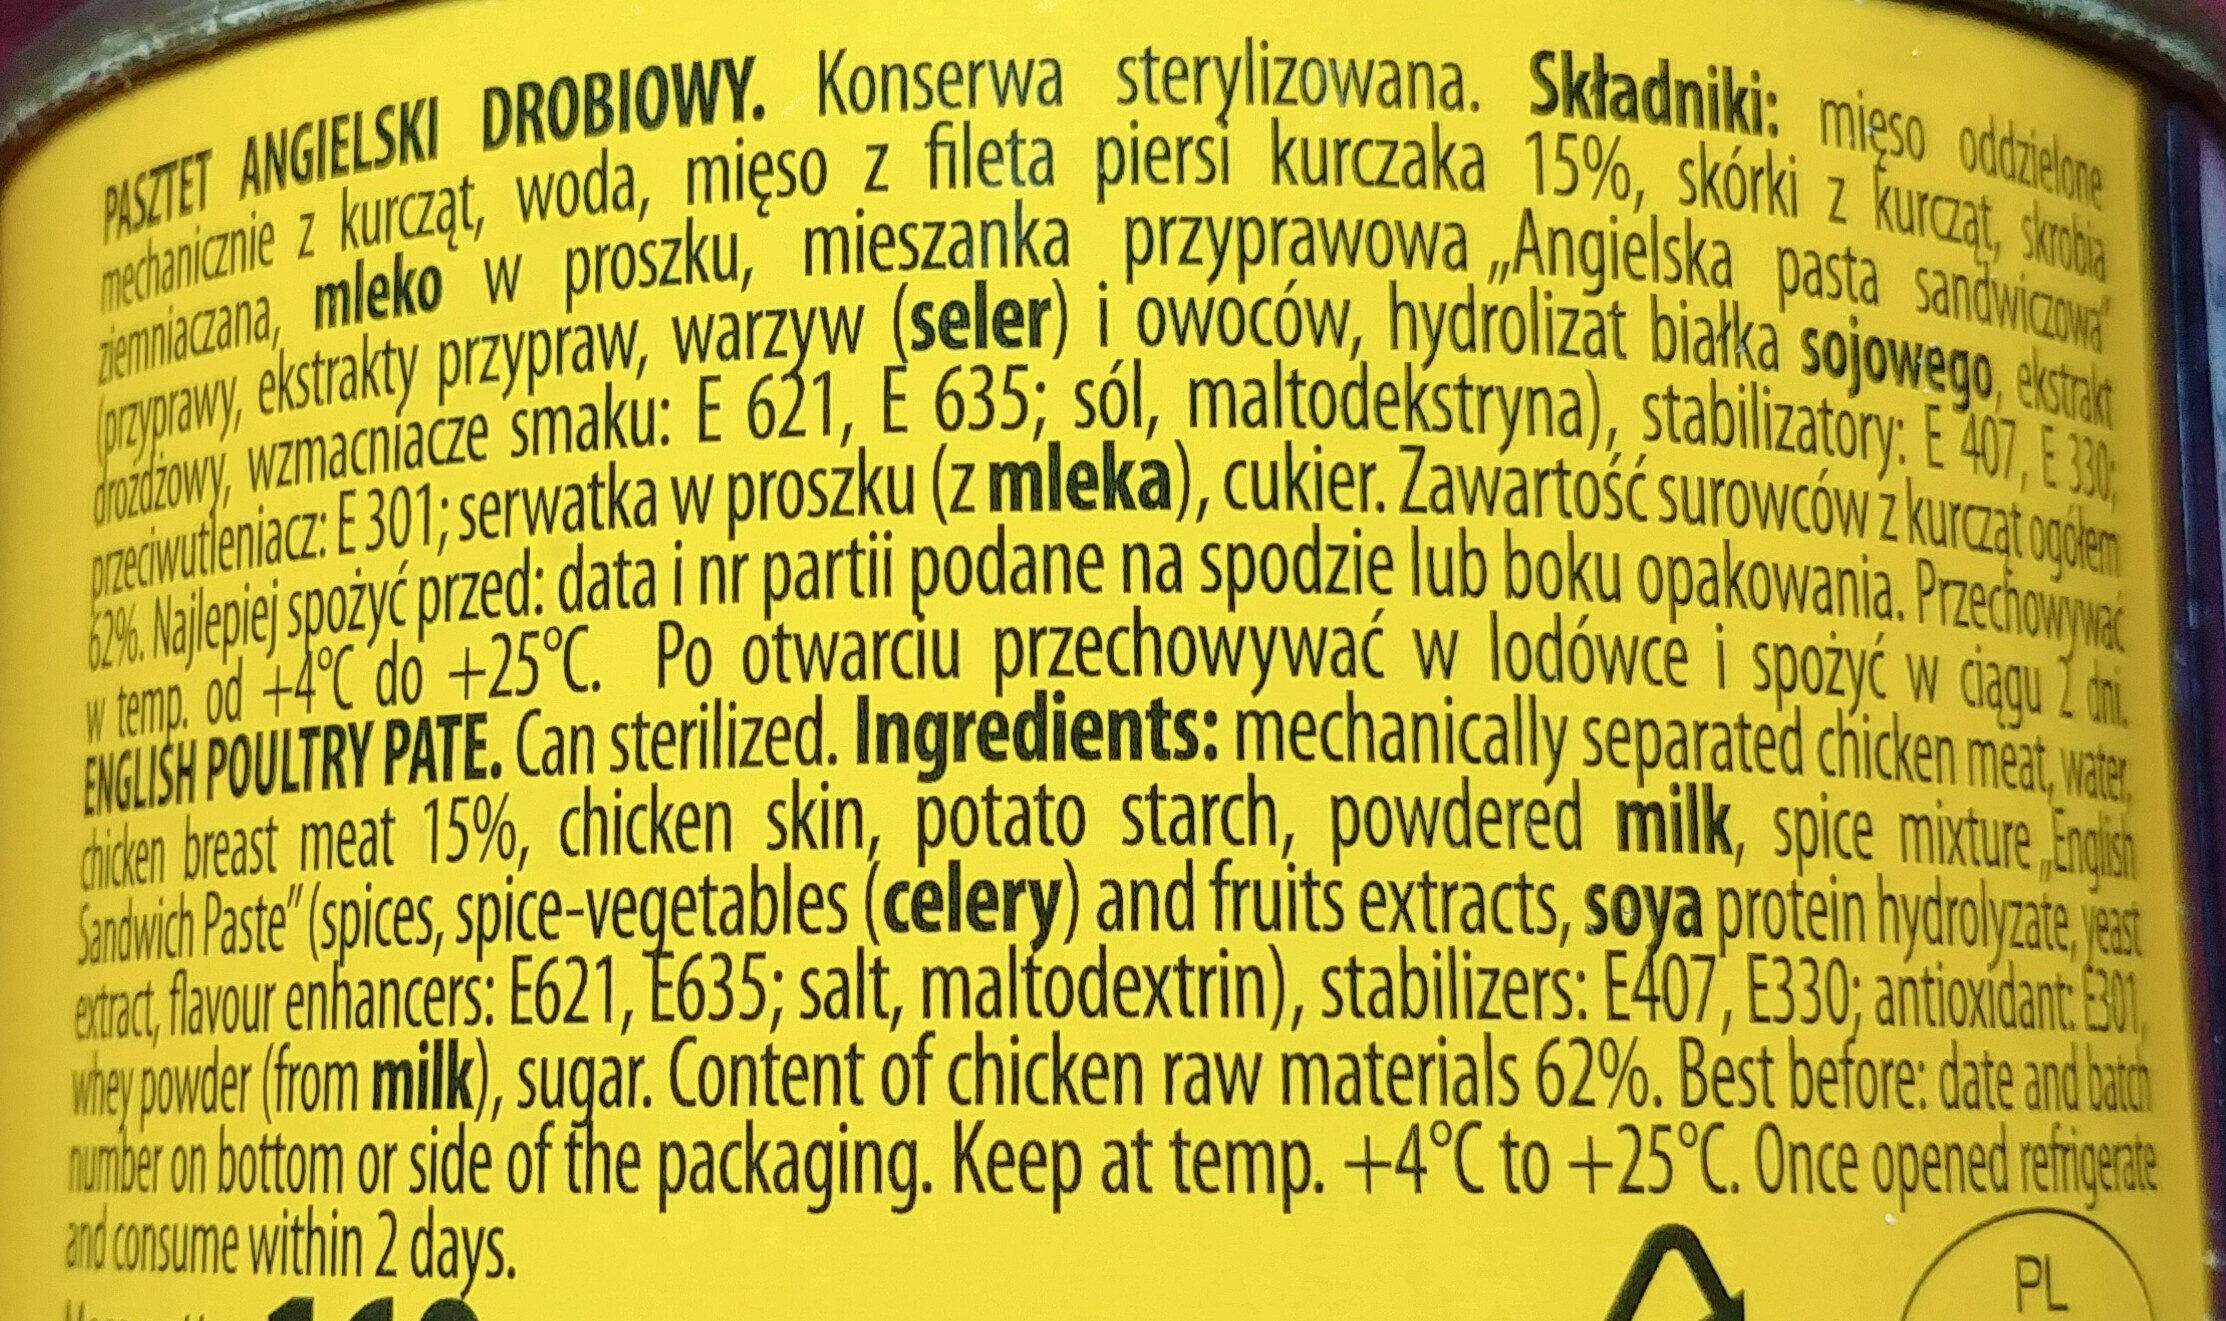 Pasztet angielski drobiowy - Ingredients